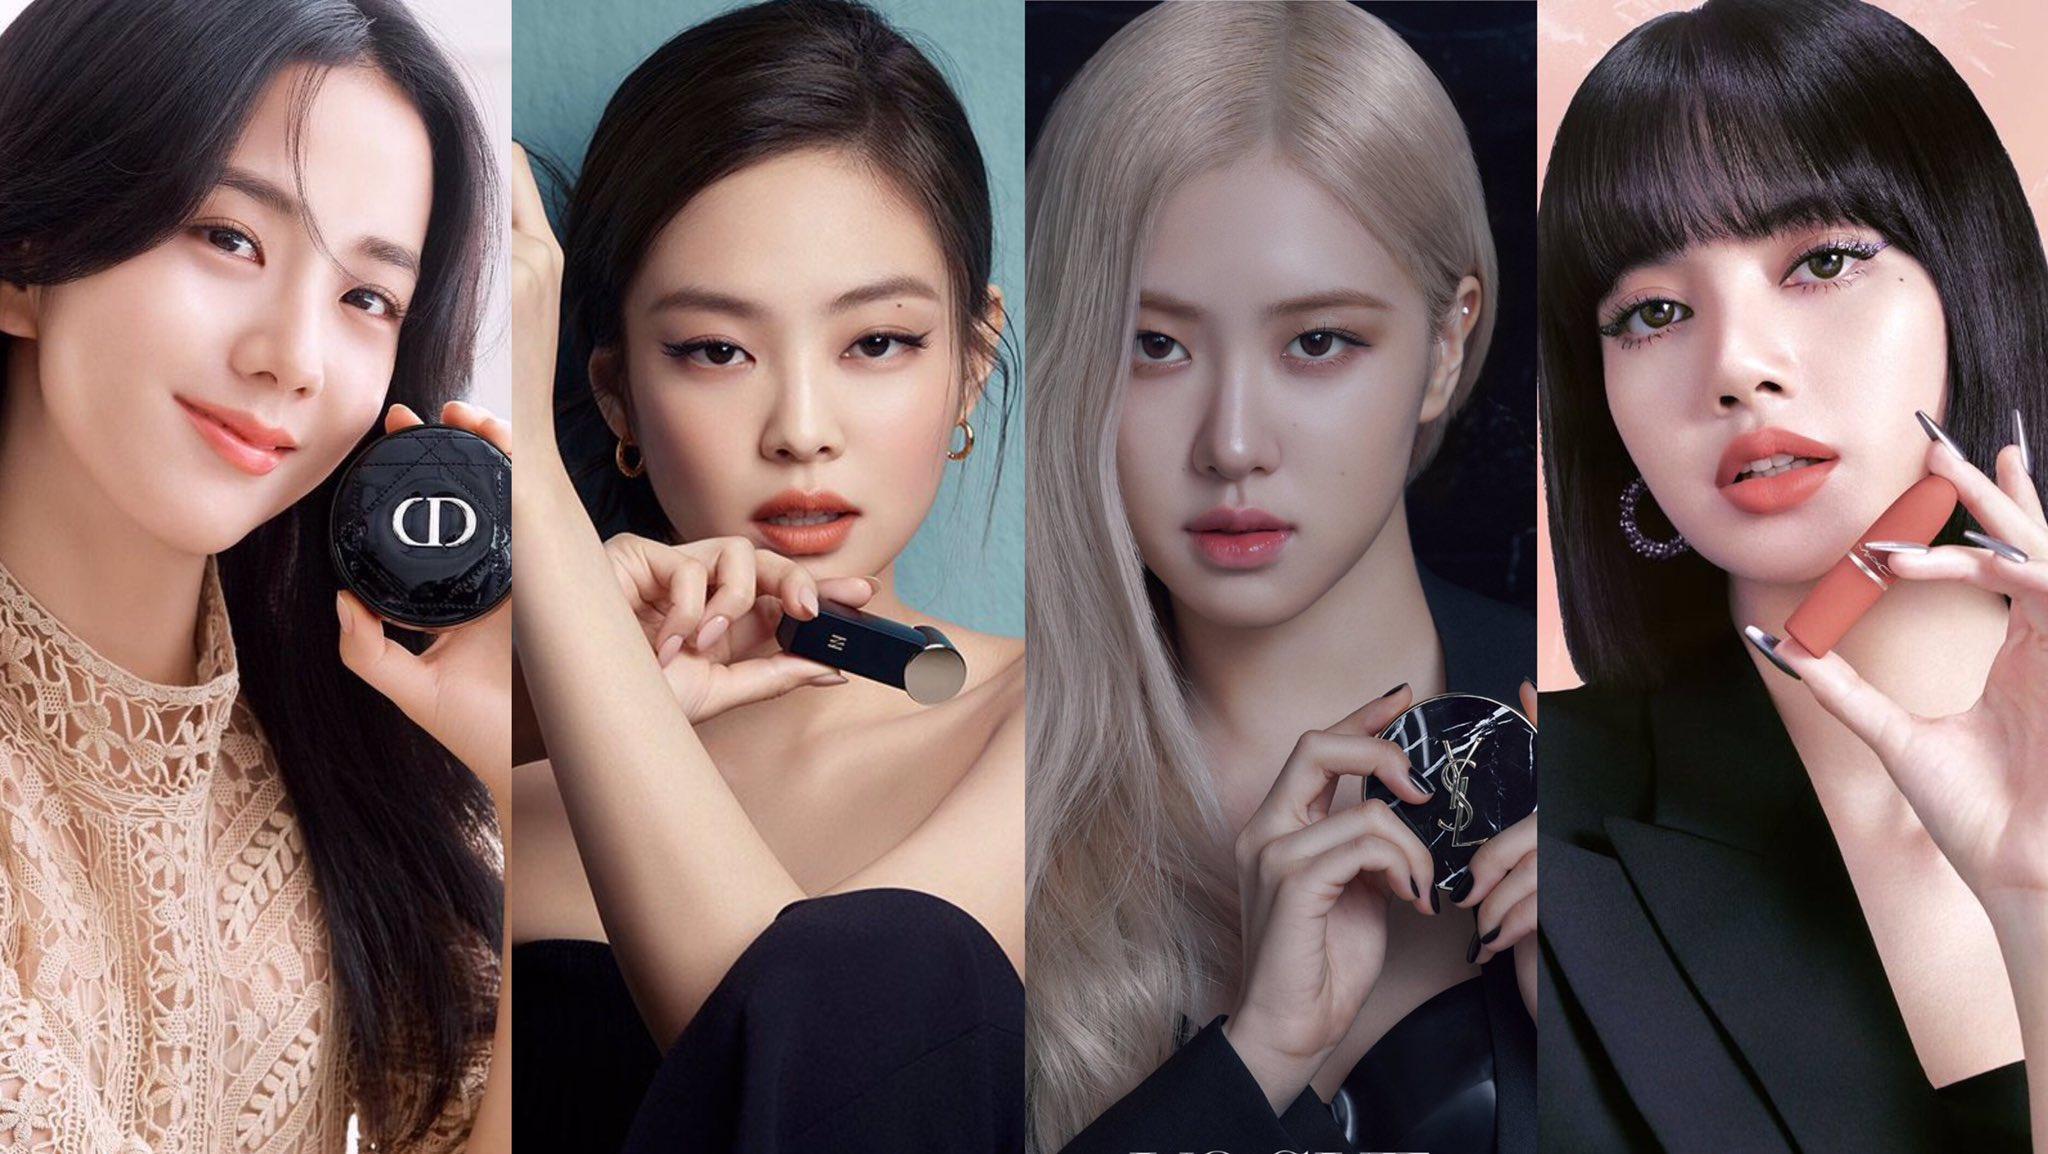 """BLACKPINK trong cuộc chiến quảng cáo mỹ phẩm: Jisoo """"lạc quẻ"""" nhất nhưng không hề kém cạnh 3 mẩu còn lại - Ảnh 1."""